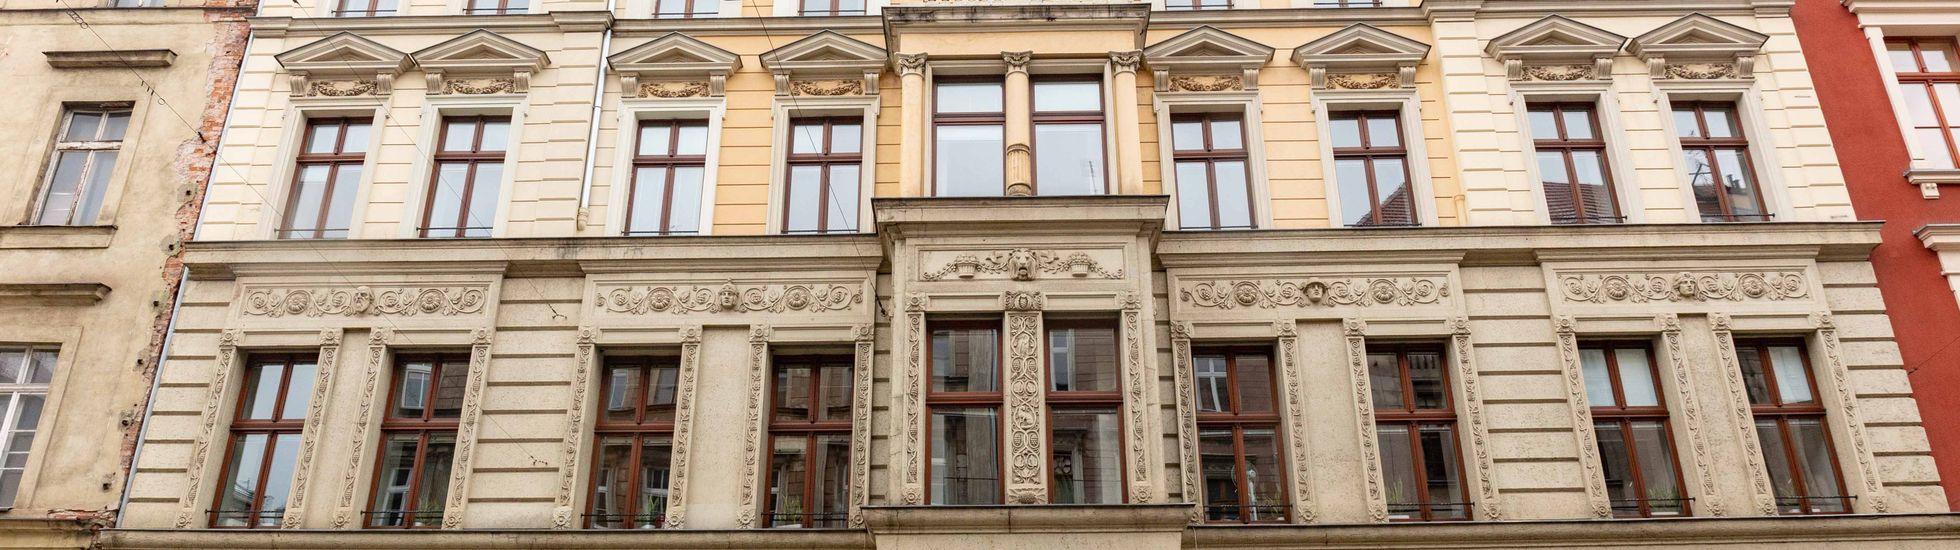 Wrocław: Unirest przebuduje kamienicę w centrum na hotel. Wcześniej był w niej bank